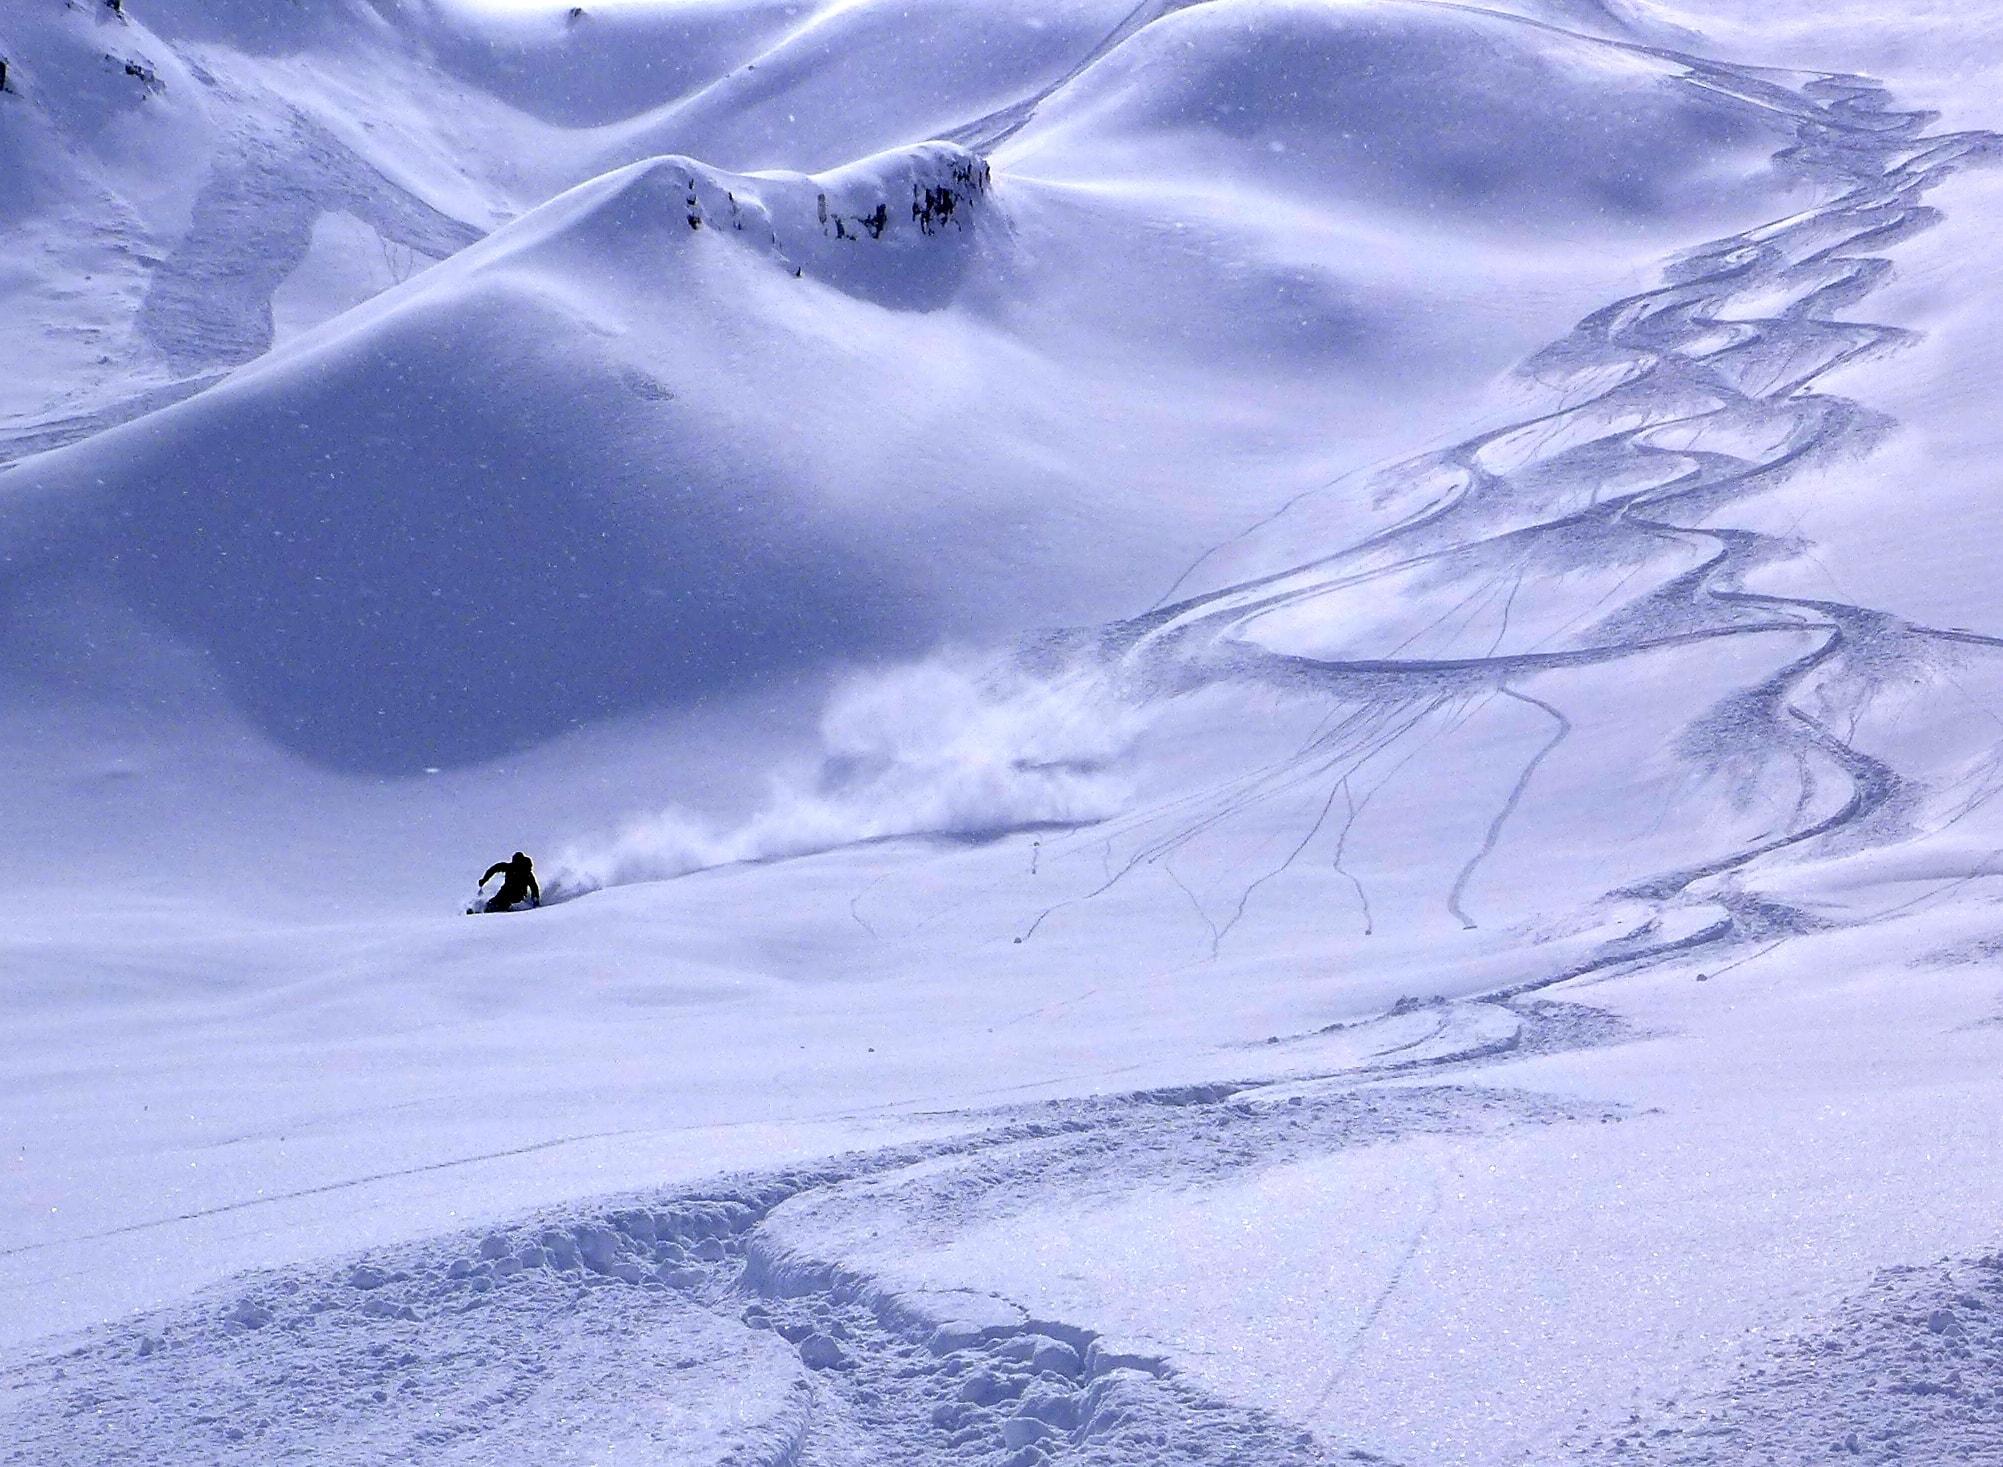 Simon Eger - Powder Skiing